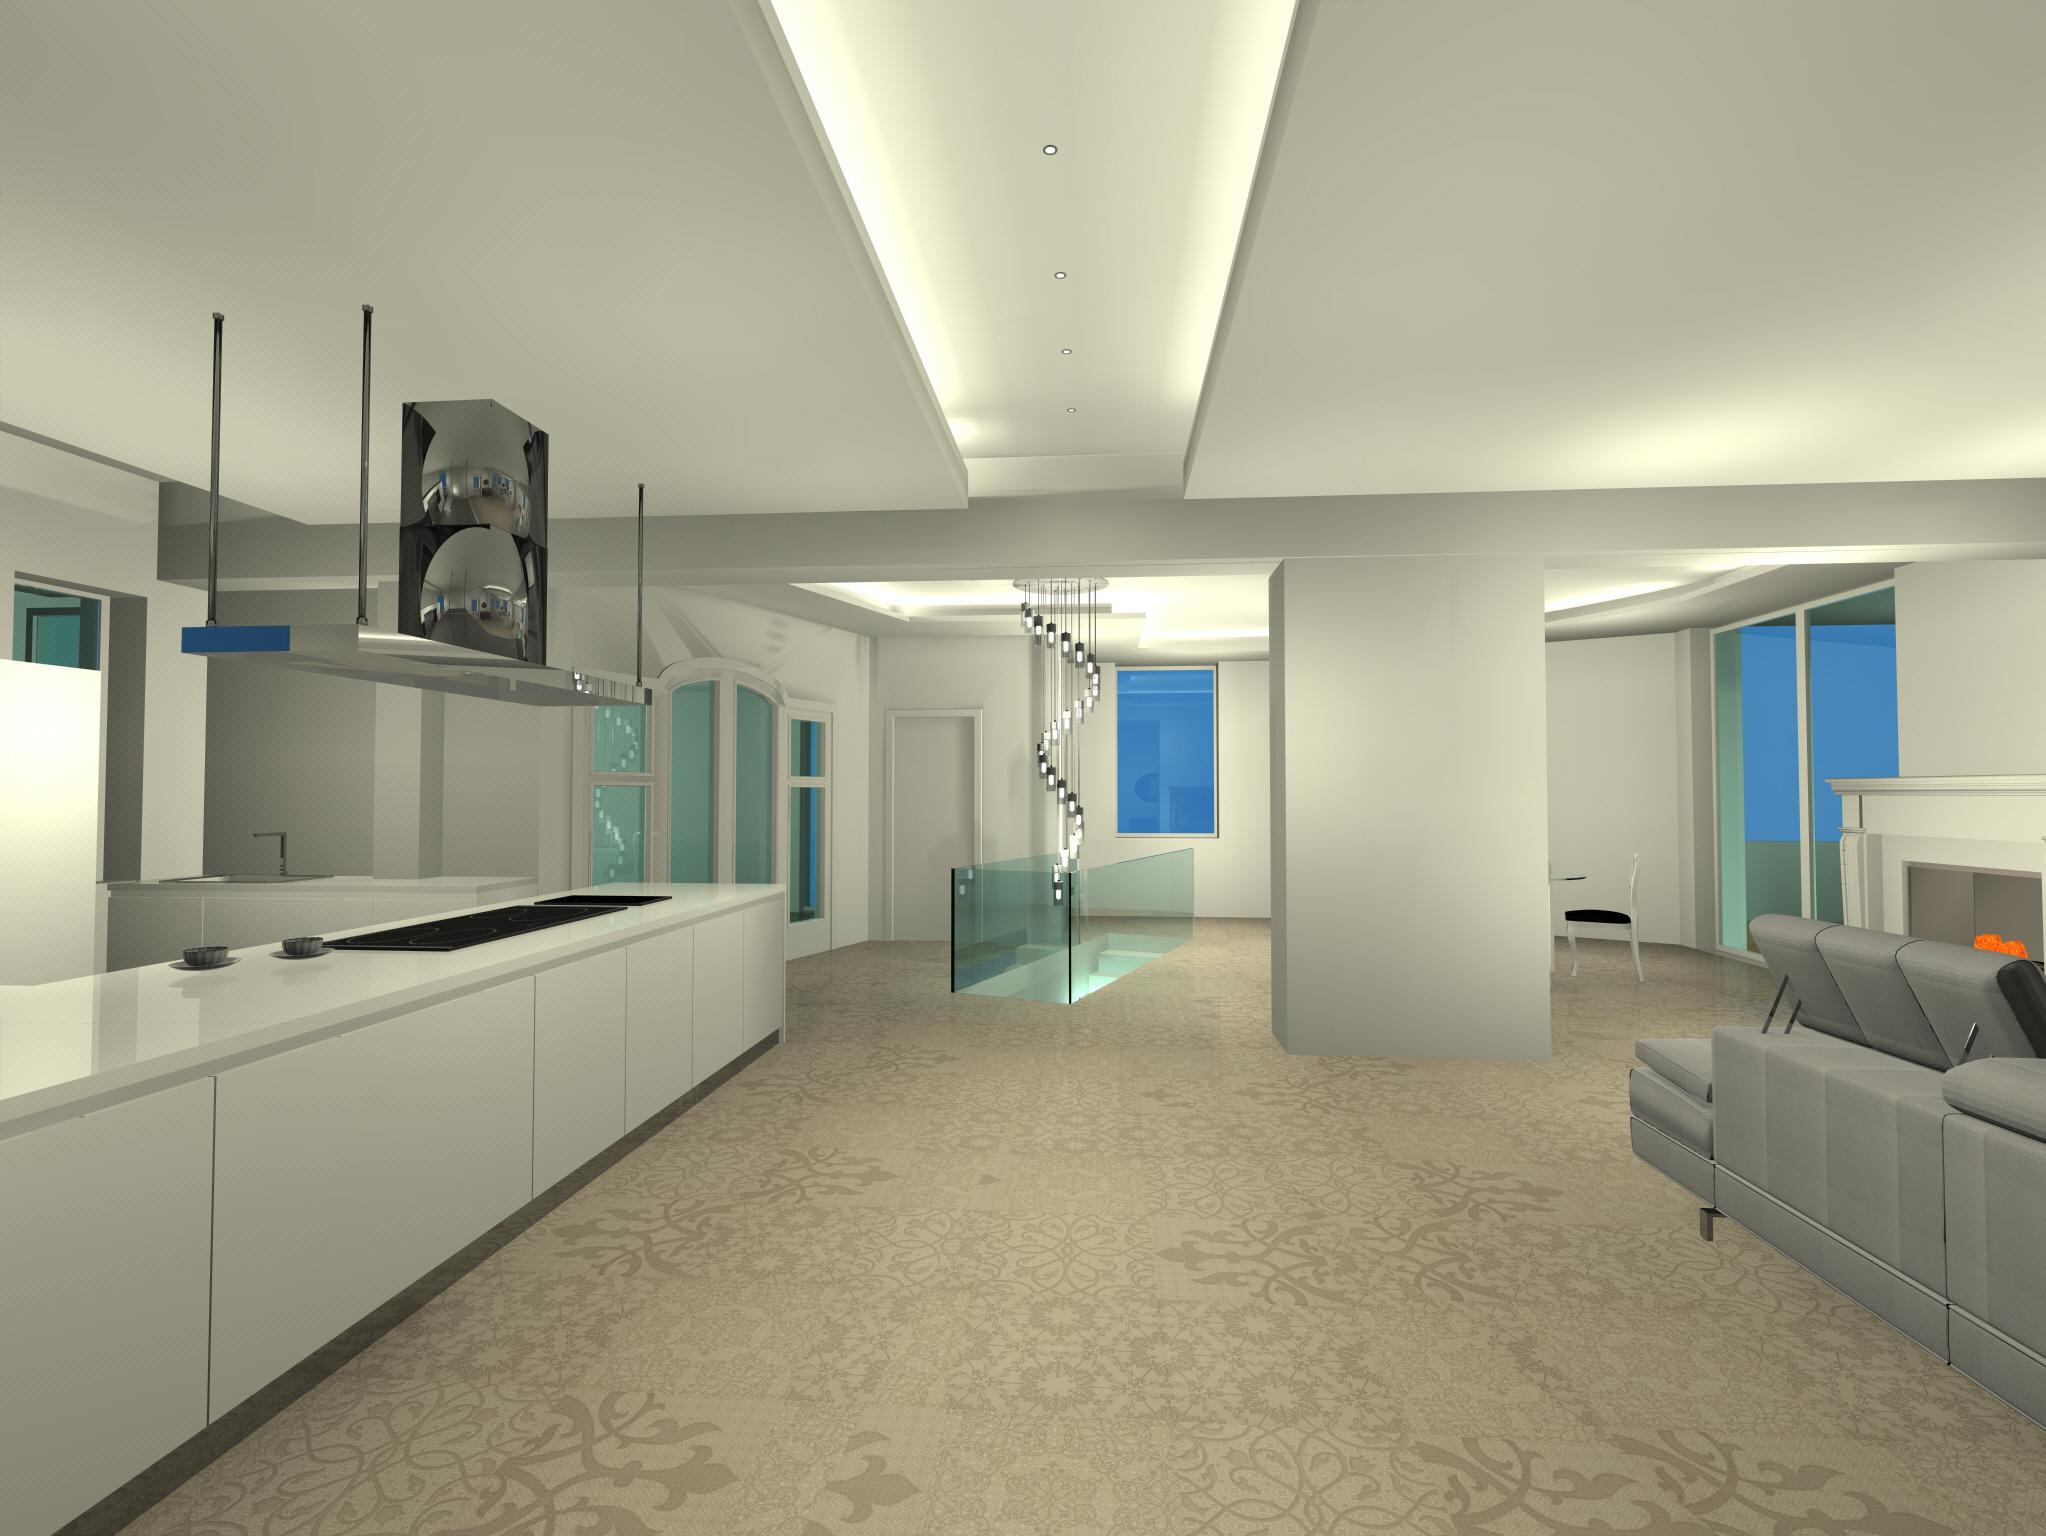 Progettare casa 3d progettare casa 3d with progettare for Giochi di costruzione di case 3d online